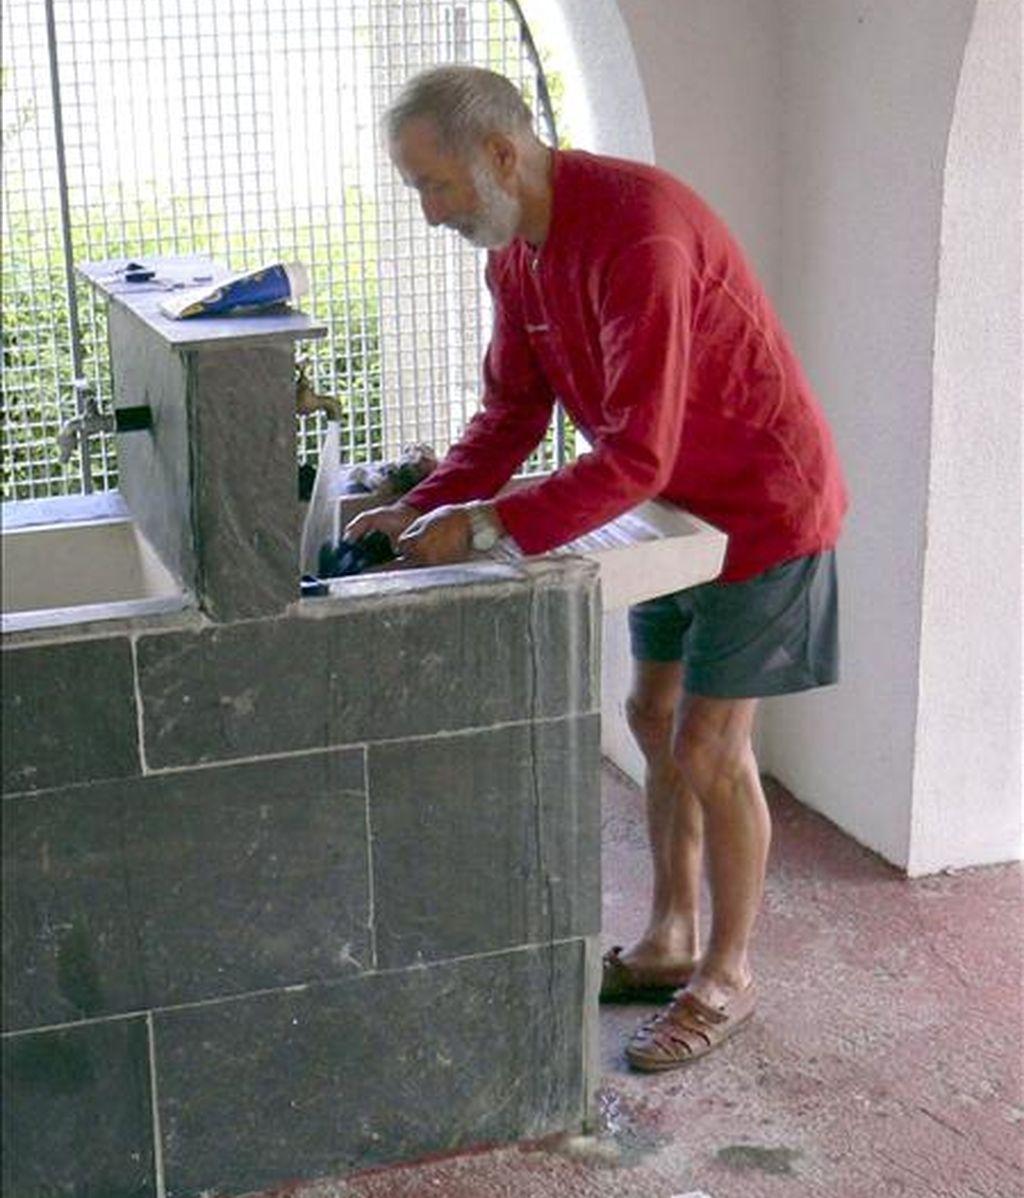 El peregrino francés Paul Viand, en el lavadero del albergue gallego de A Gudiña, un día antes de que sus compañeros de viaje le perdiesen la pista en el siguiente albergue en el municipio de Laza. EFE